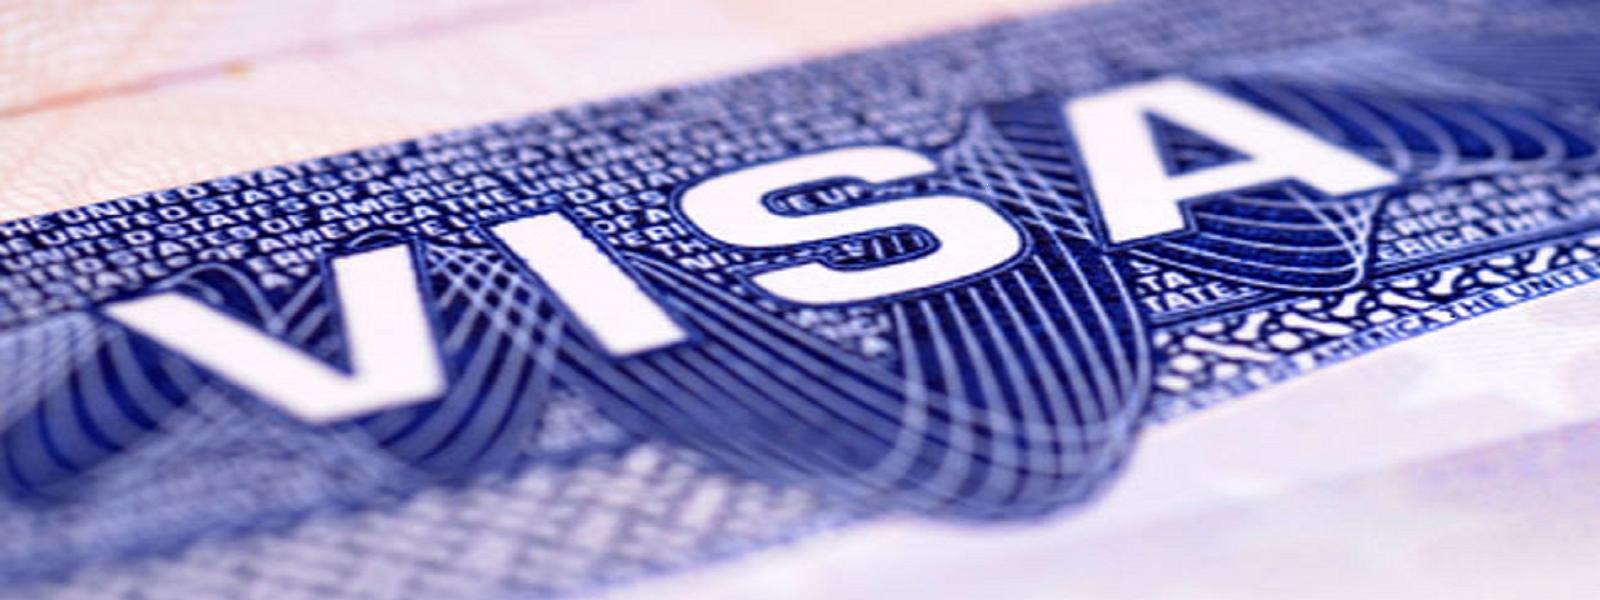 Us Bank Corporate Travel Visa